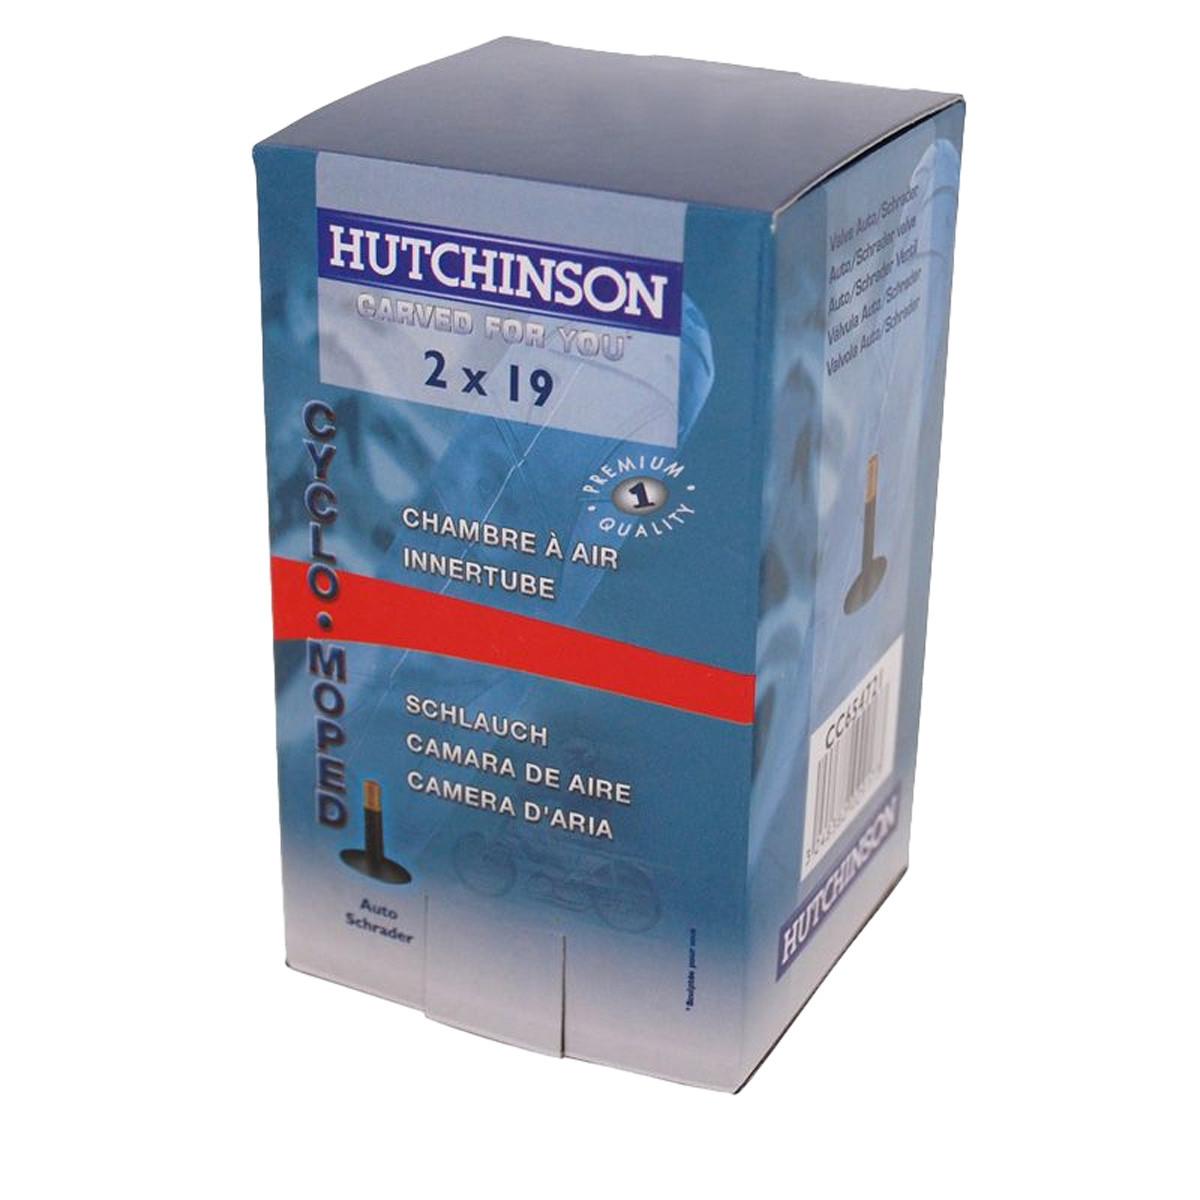 Chambre air 19 pouces hutchinson 2x19 valve schrader for Chambre air 13 pouces